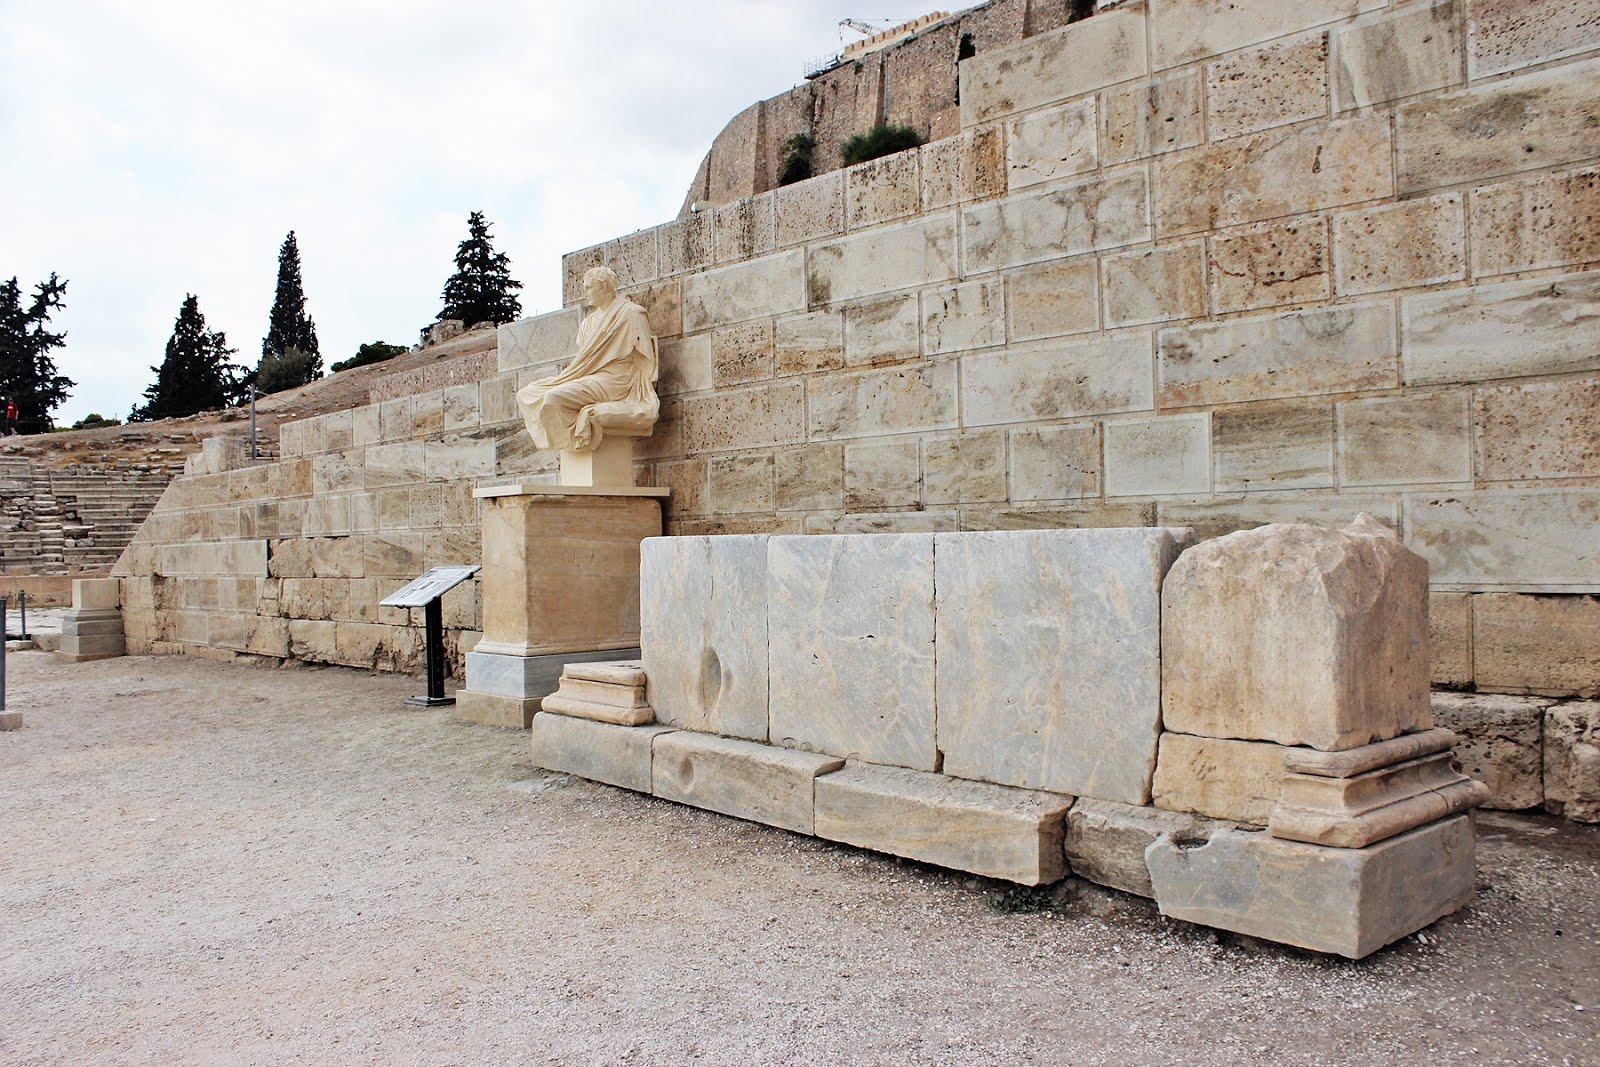 ΑΤΤΙΚΗ :Αναστήλωση Αρχαίου Θεάτρου Διονύσου